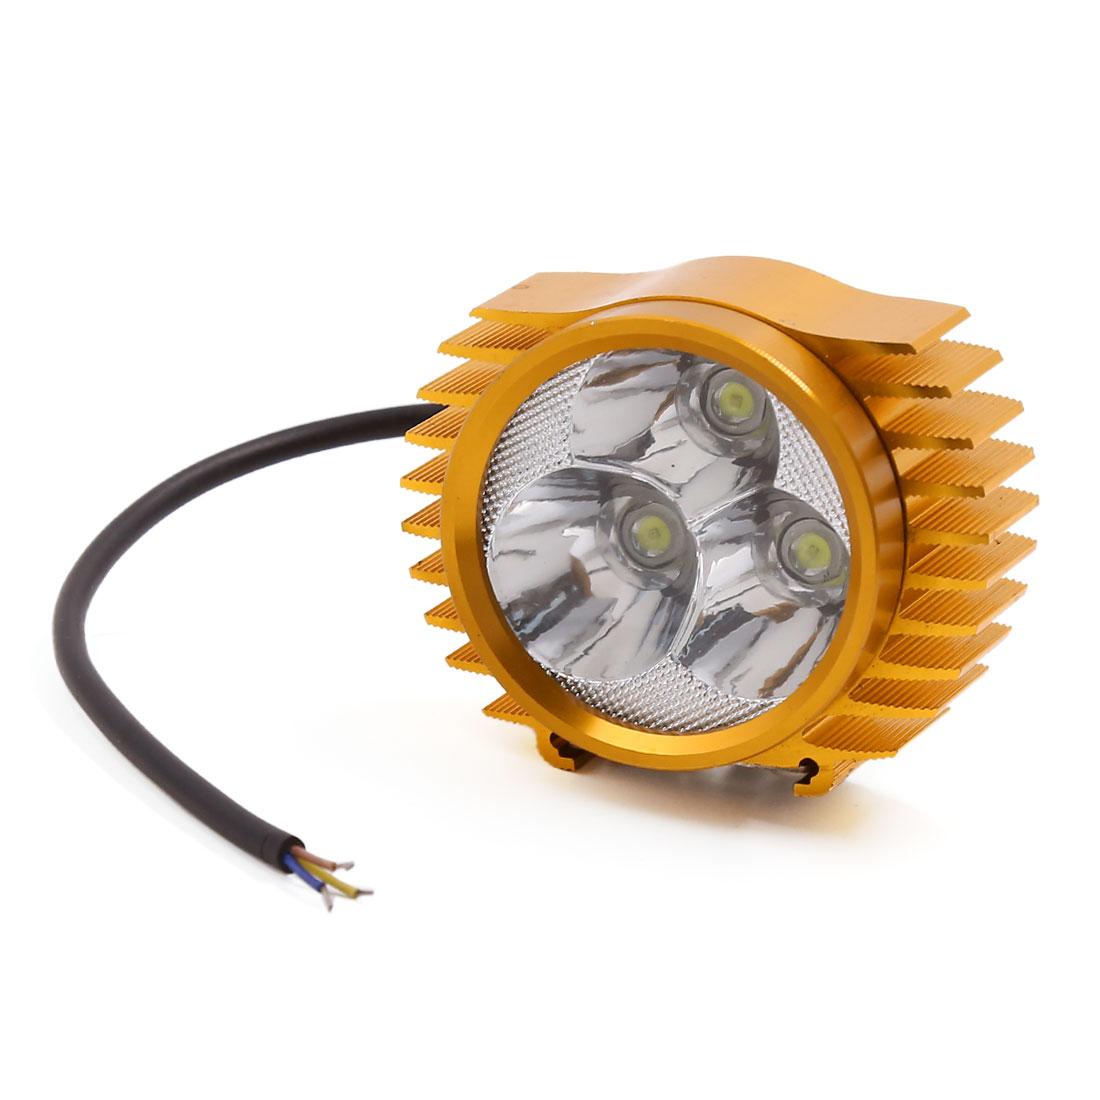 Universal White 3-LEDs Motorcycle Spot Driving Light Headlight Fog Lamp